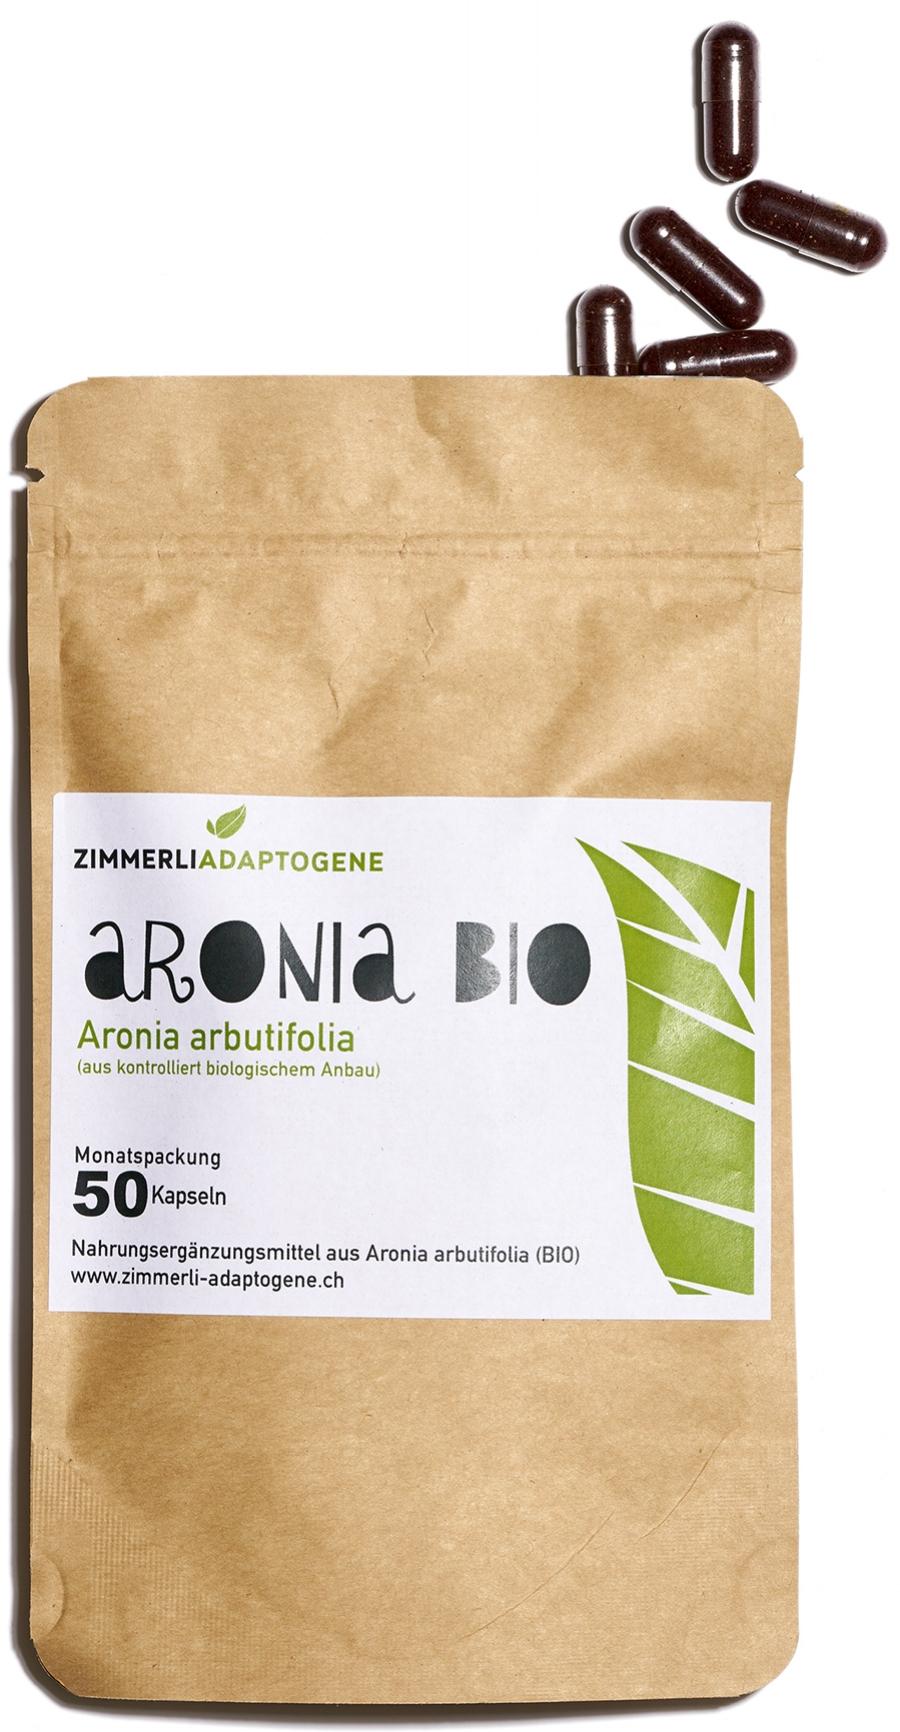 100% Bio-Qualität: Keine Kompromisse!